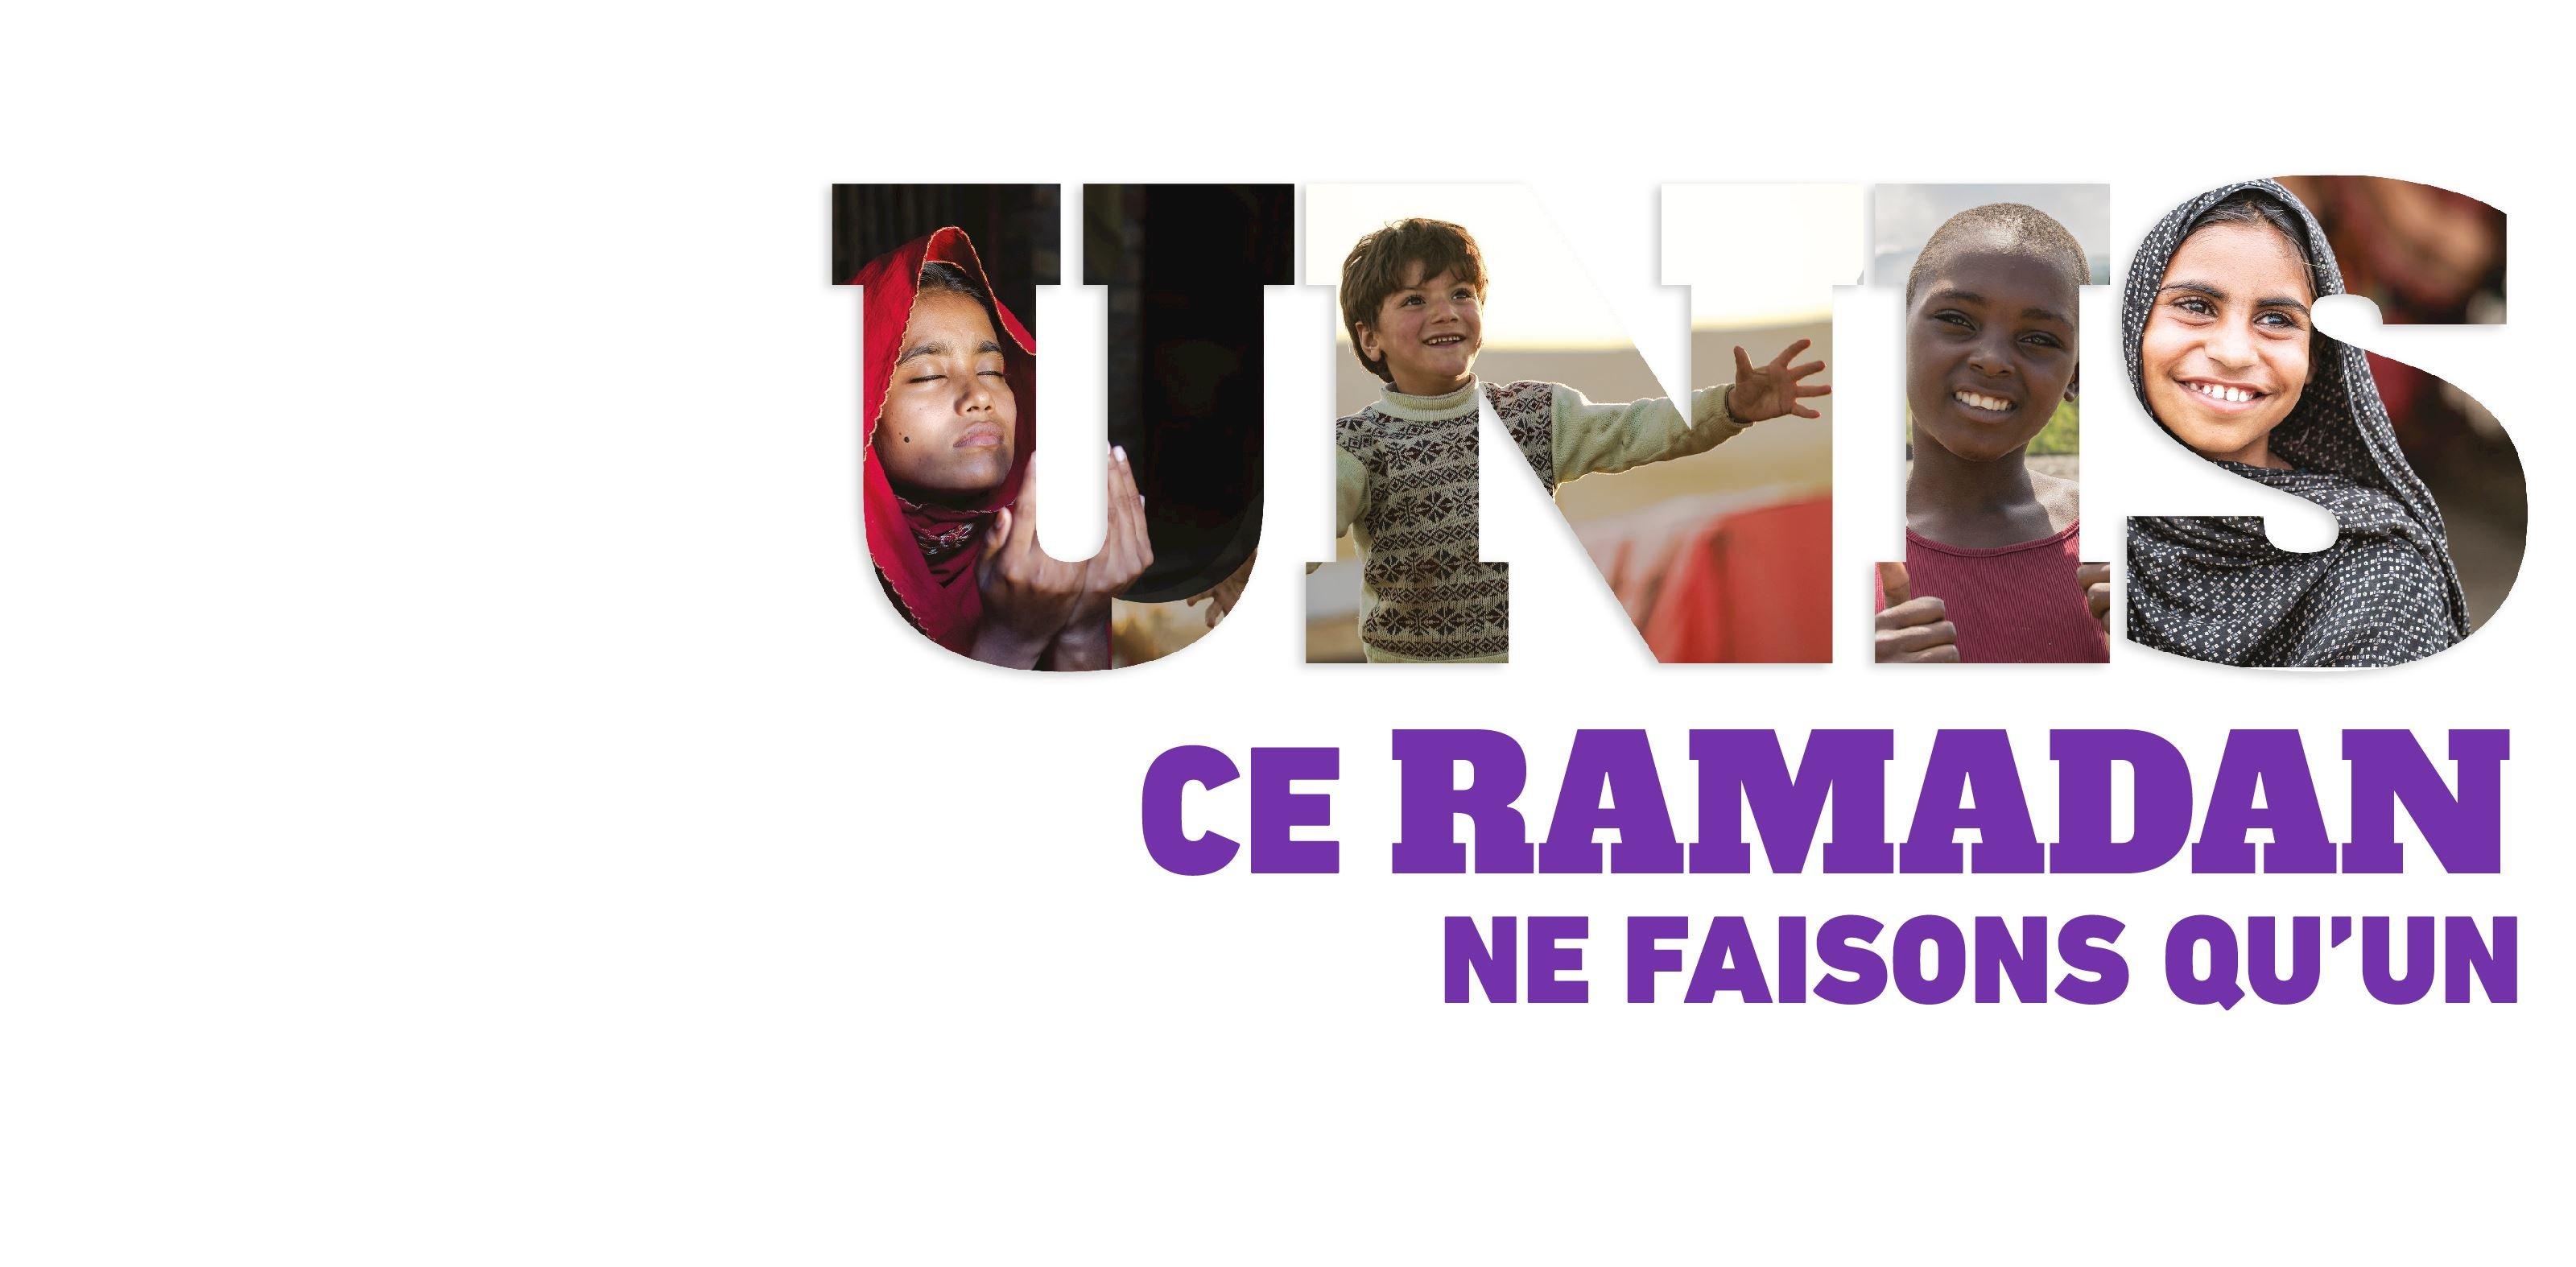 Ce Ramadan, soutenez les plus démunis